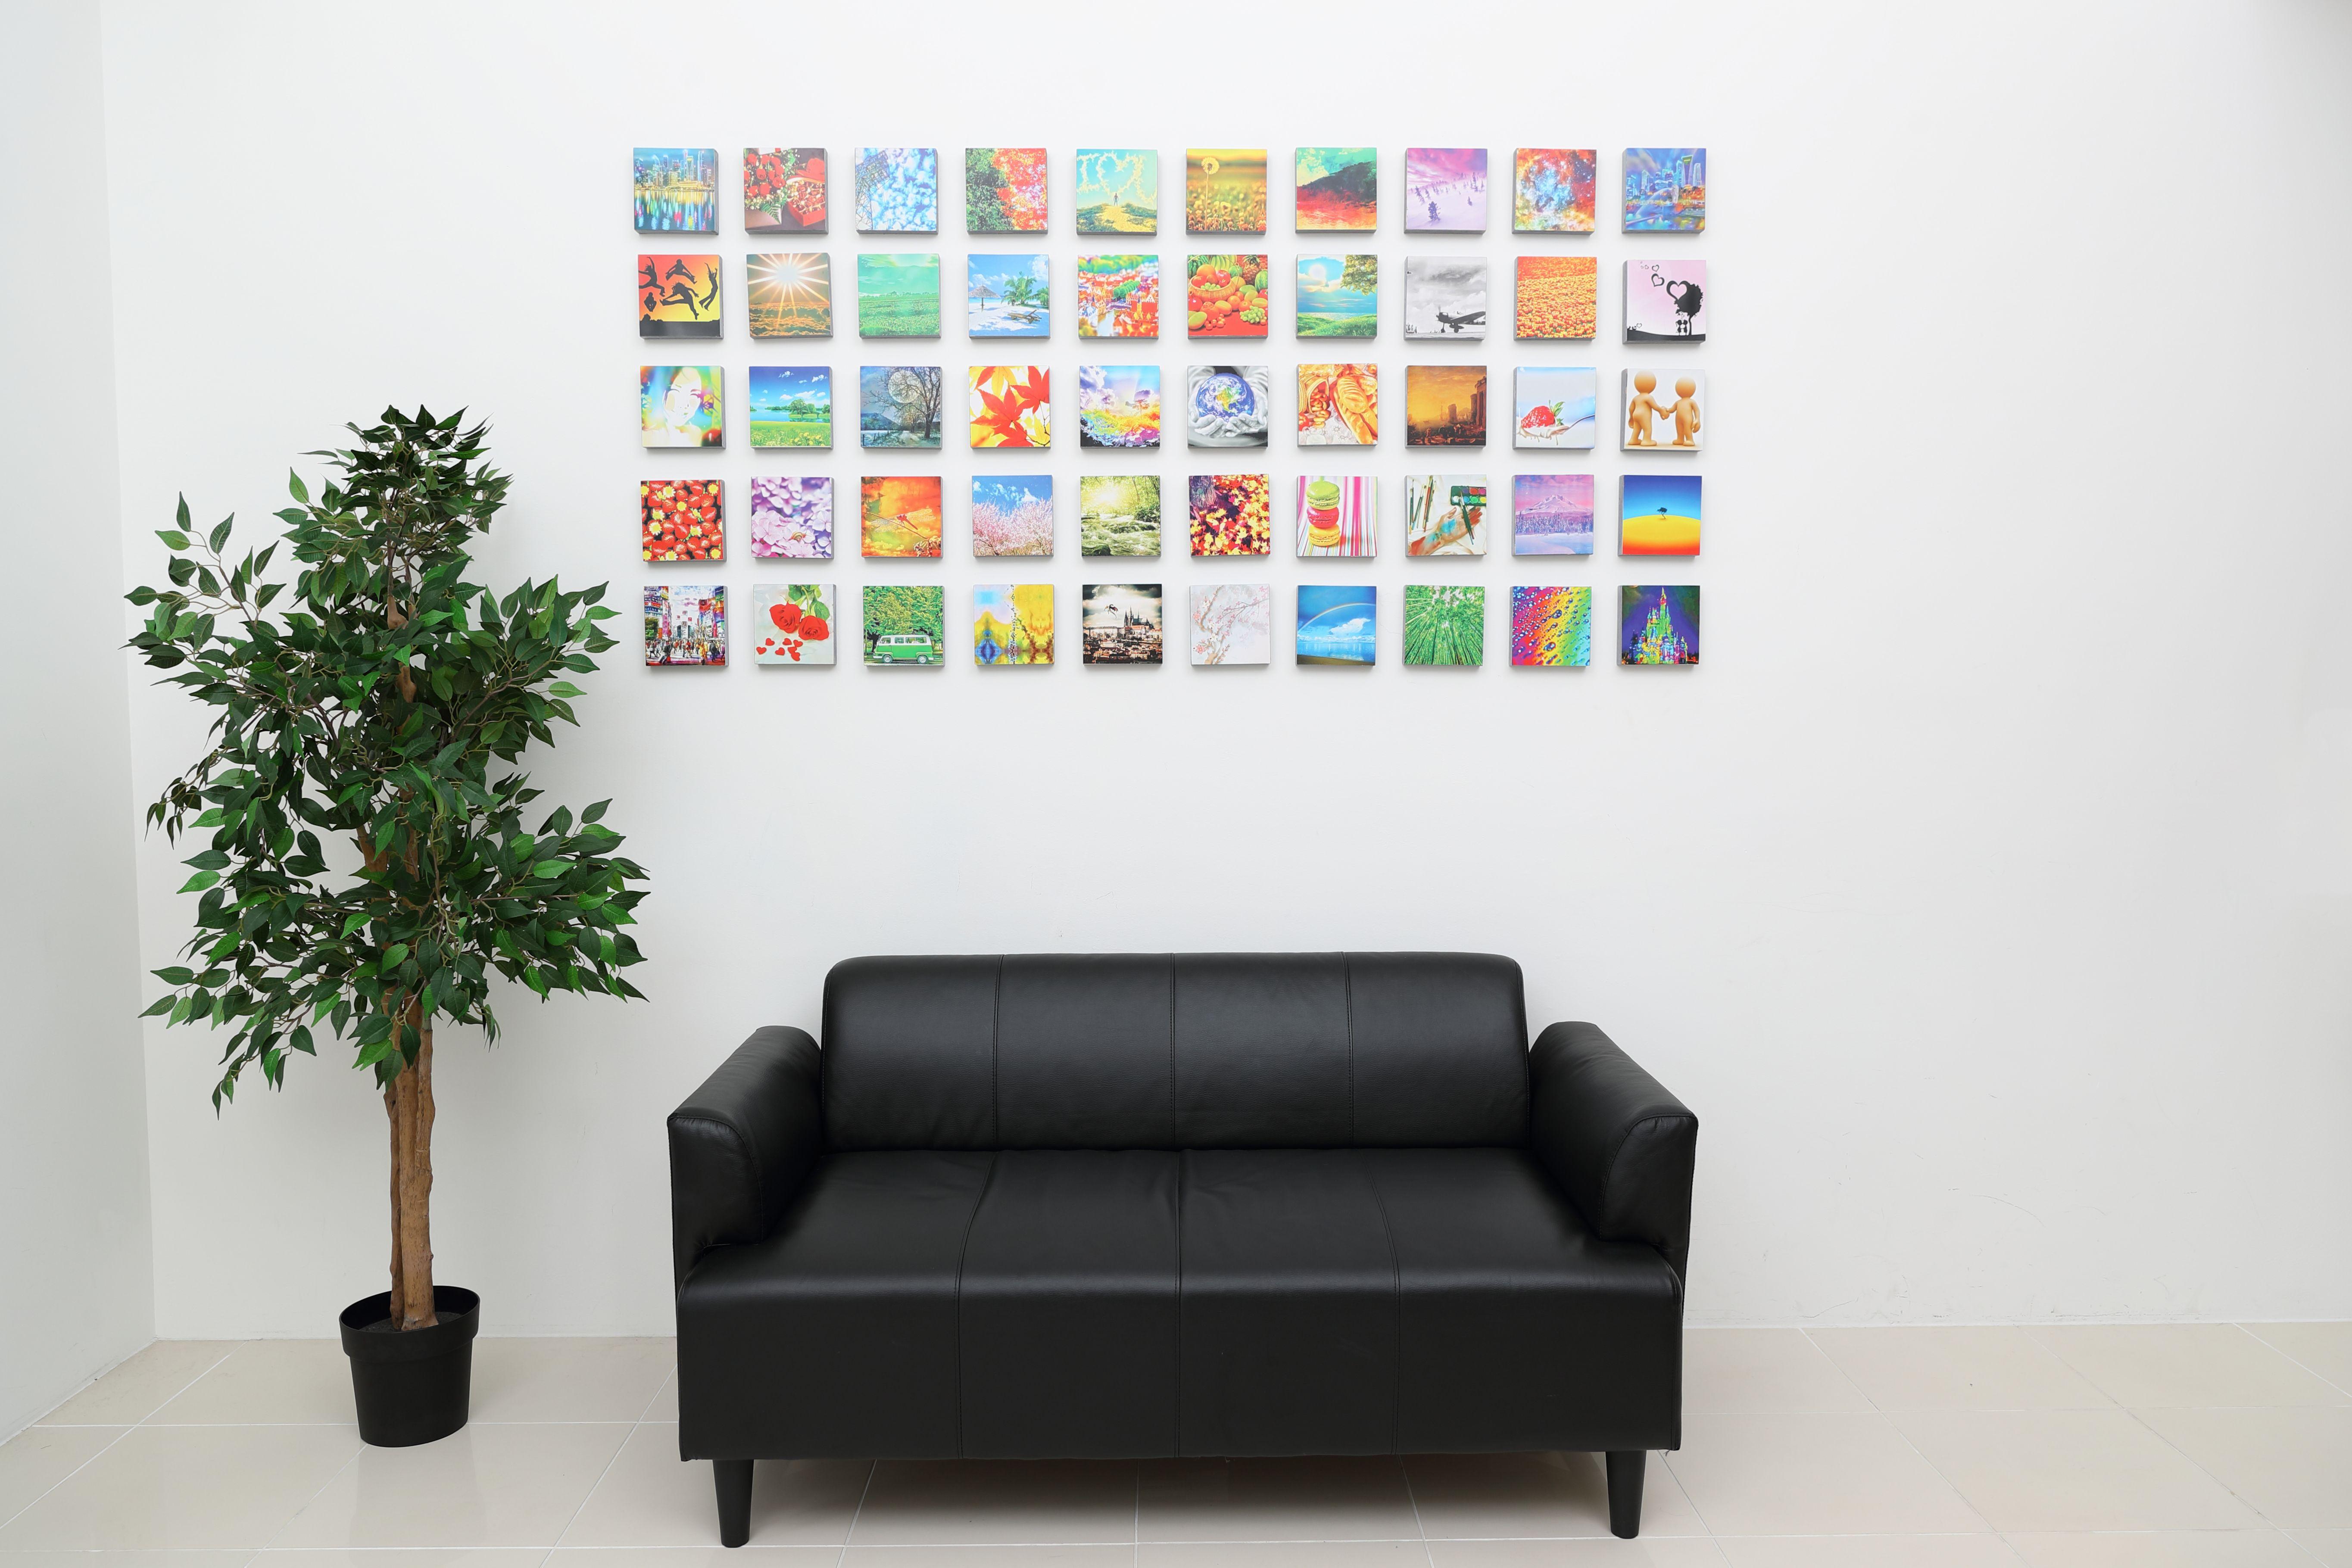 お家に飾るとおしゃれな絵画 ロココロ 普段 絵画を家で飾る習慣